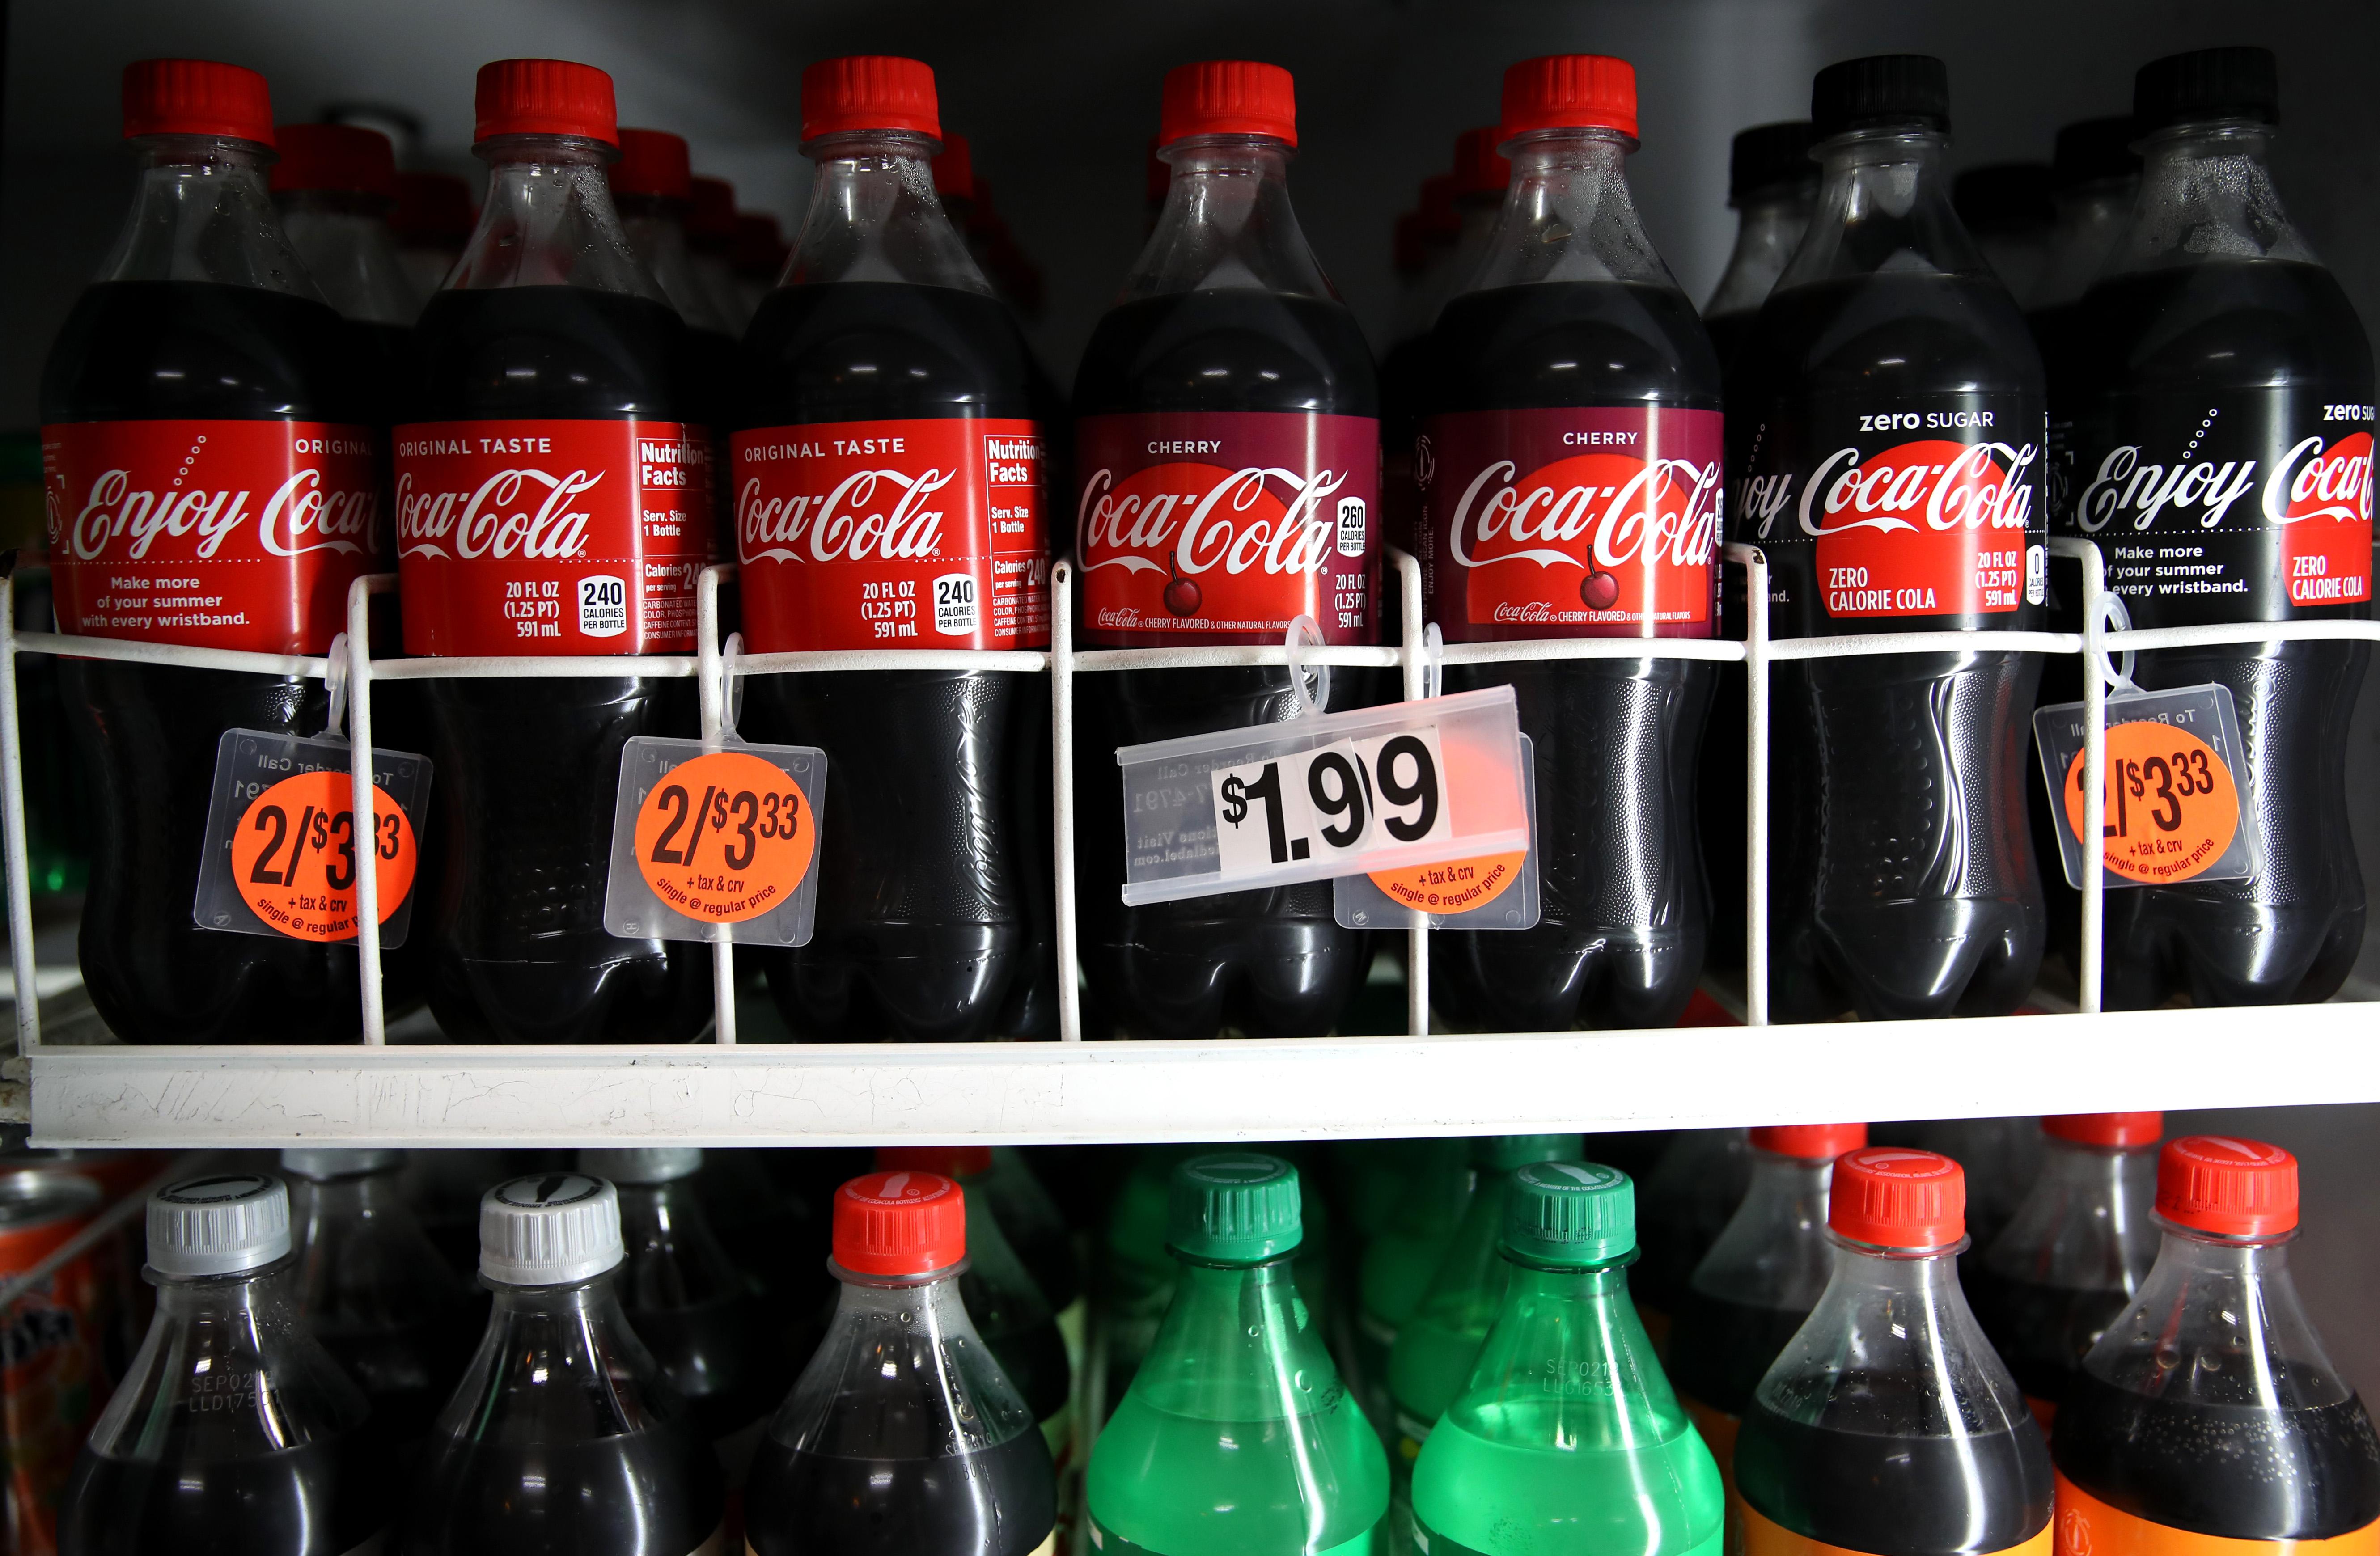 Les publicités pour les sodas bientôt interdites à Singapour, une première mondiale